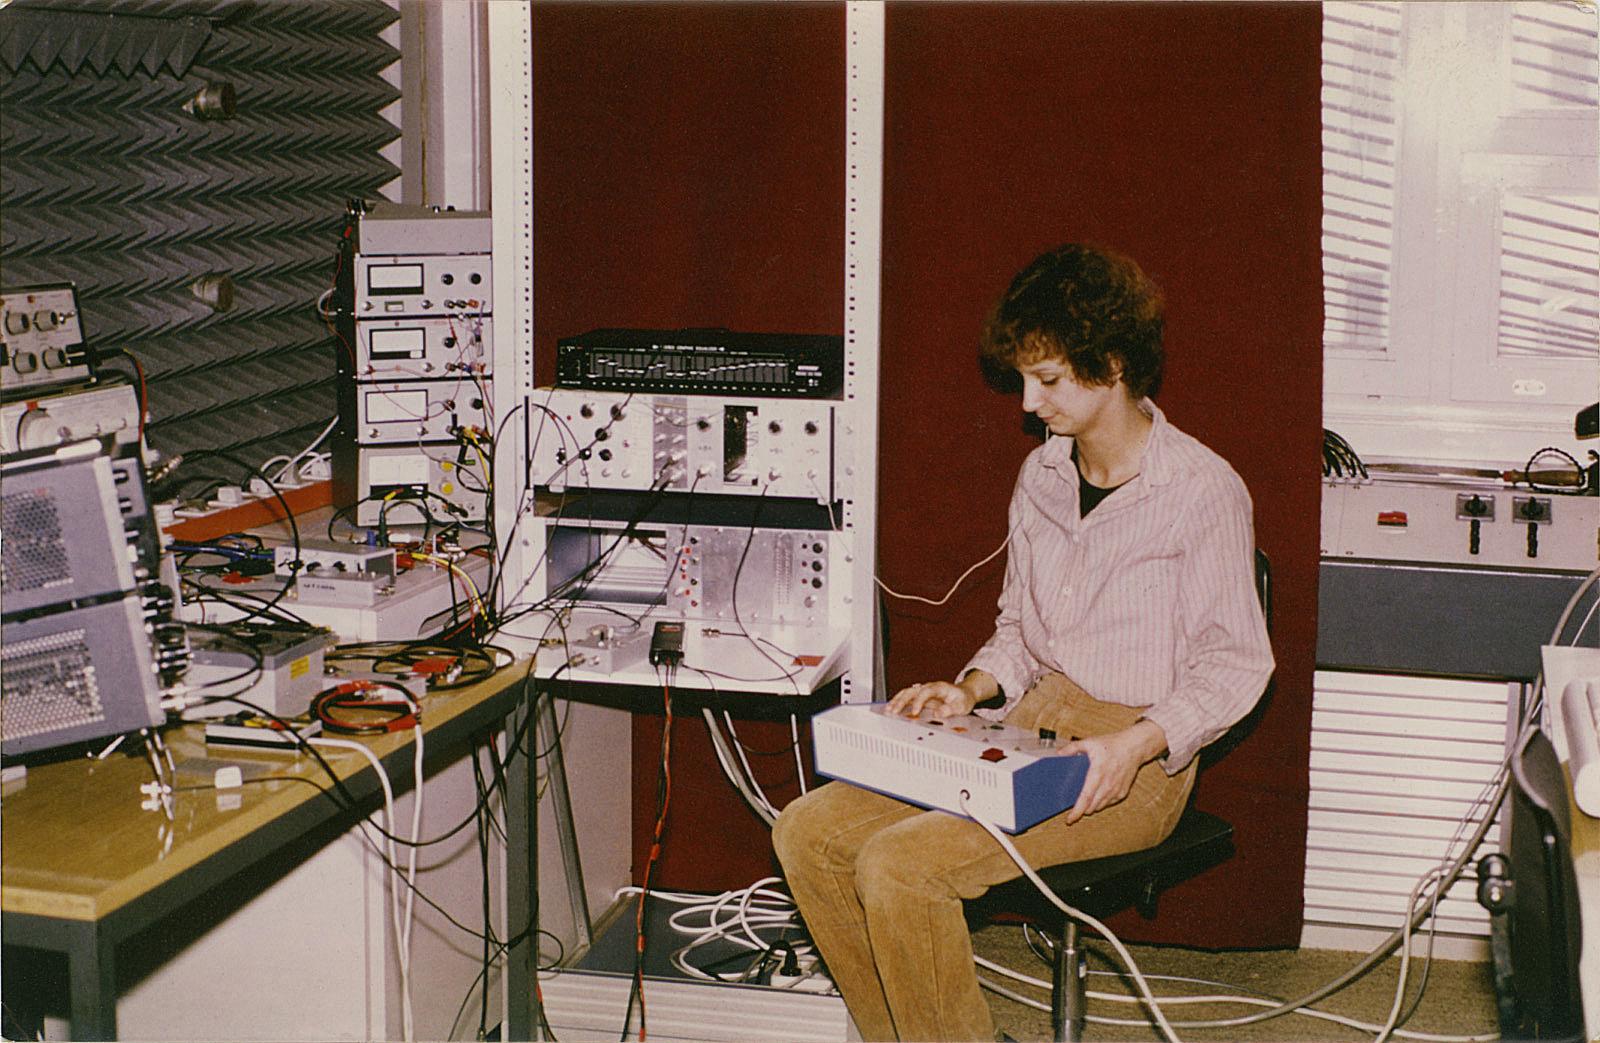 Conny, die erste Nutzerin eines Cochlea-Implantats, die Sprache ganz ohne Lippenlesen verstehen konnte im März 1980.